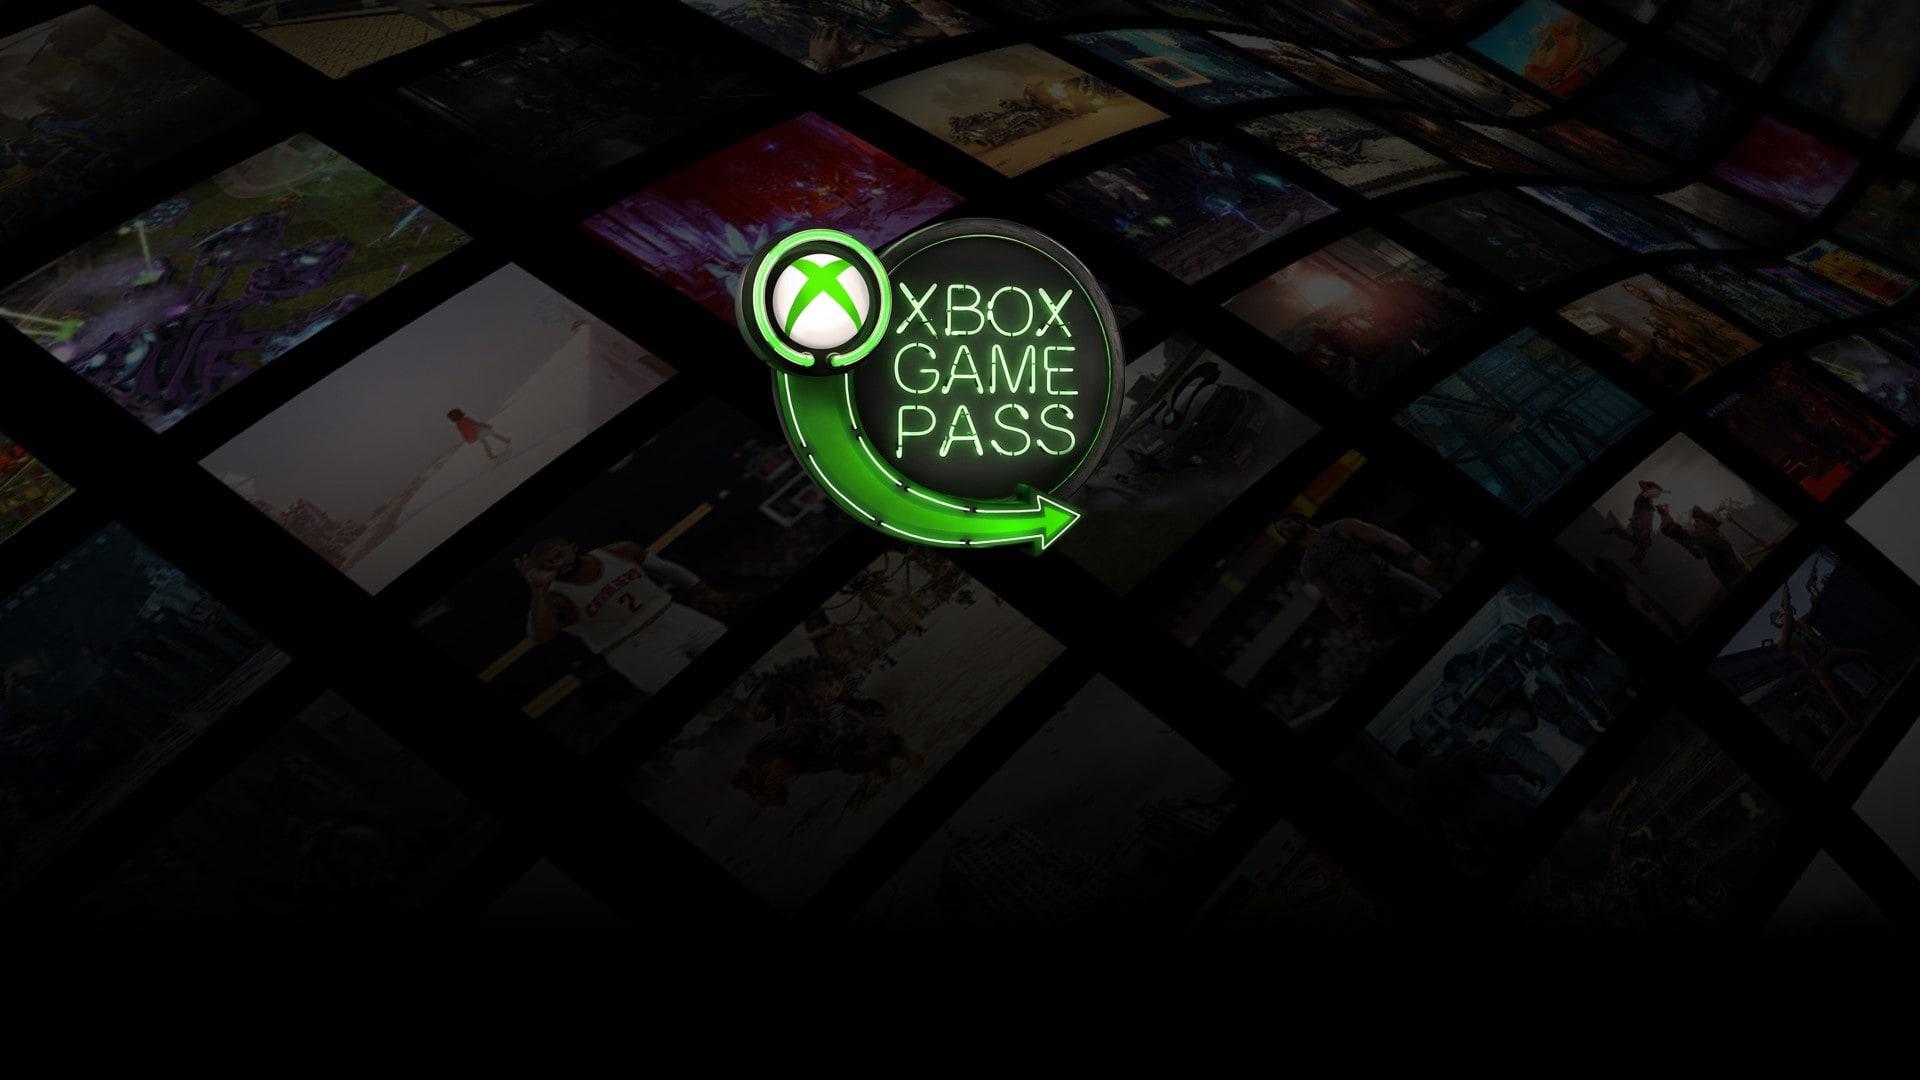 سازنده Descenders: حضور بازی ما در Game Pass فروش نسخه Xbox را 4 برابر کرد